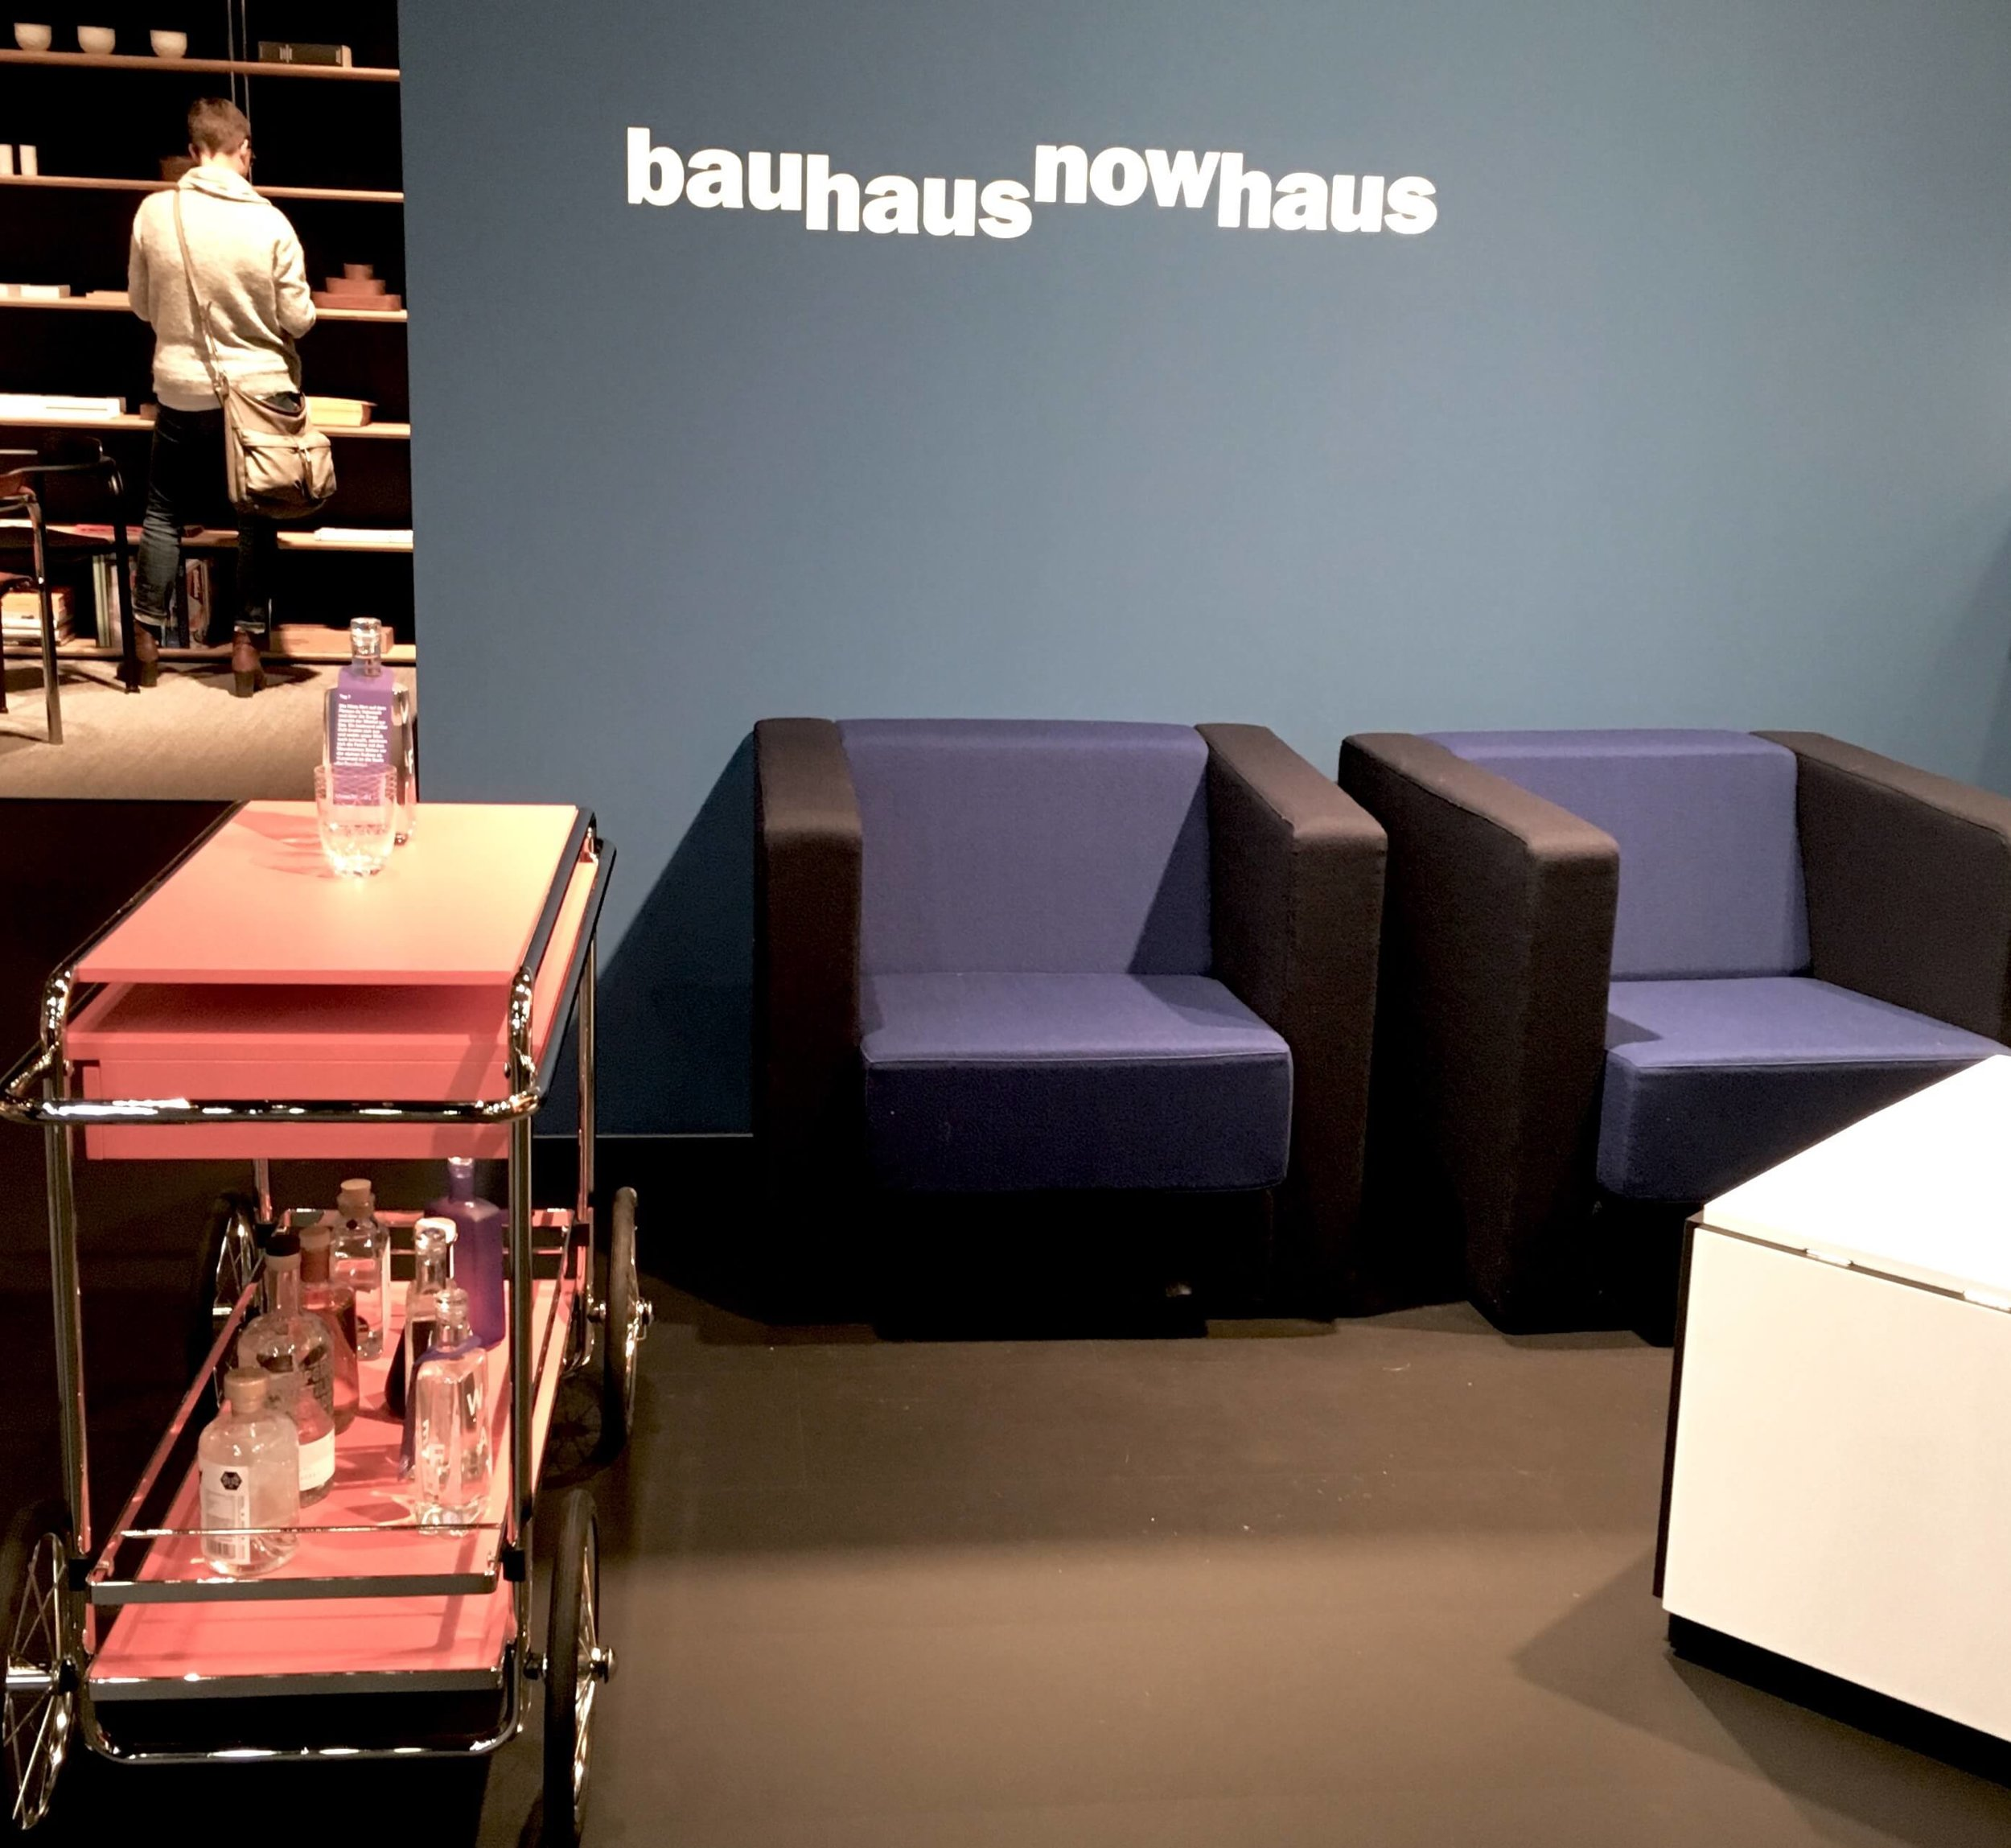 Bauhaus Nowhaus, Tecta